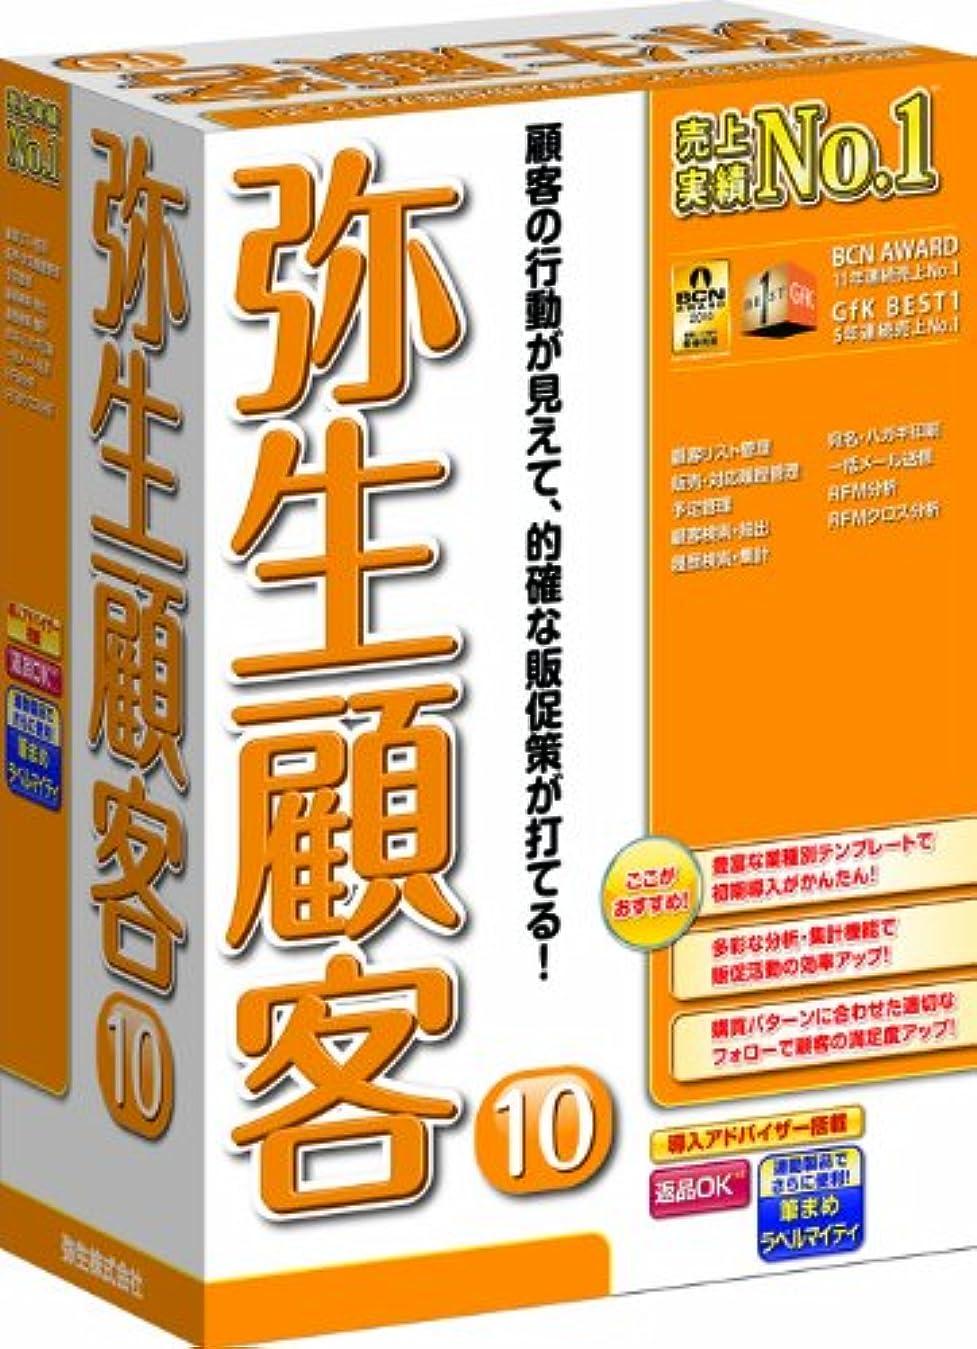 パイロット自転車公園【旧商品】弥生顧客 08 キャンペーン価格版